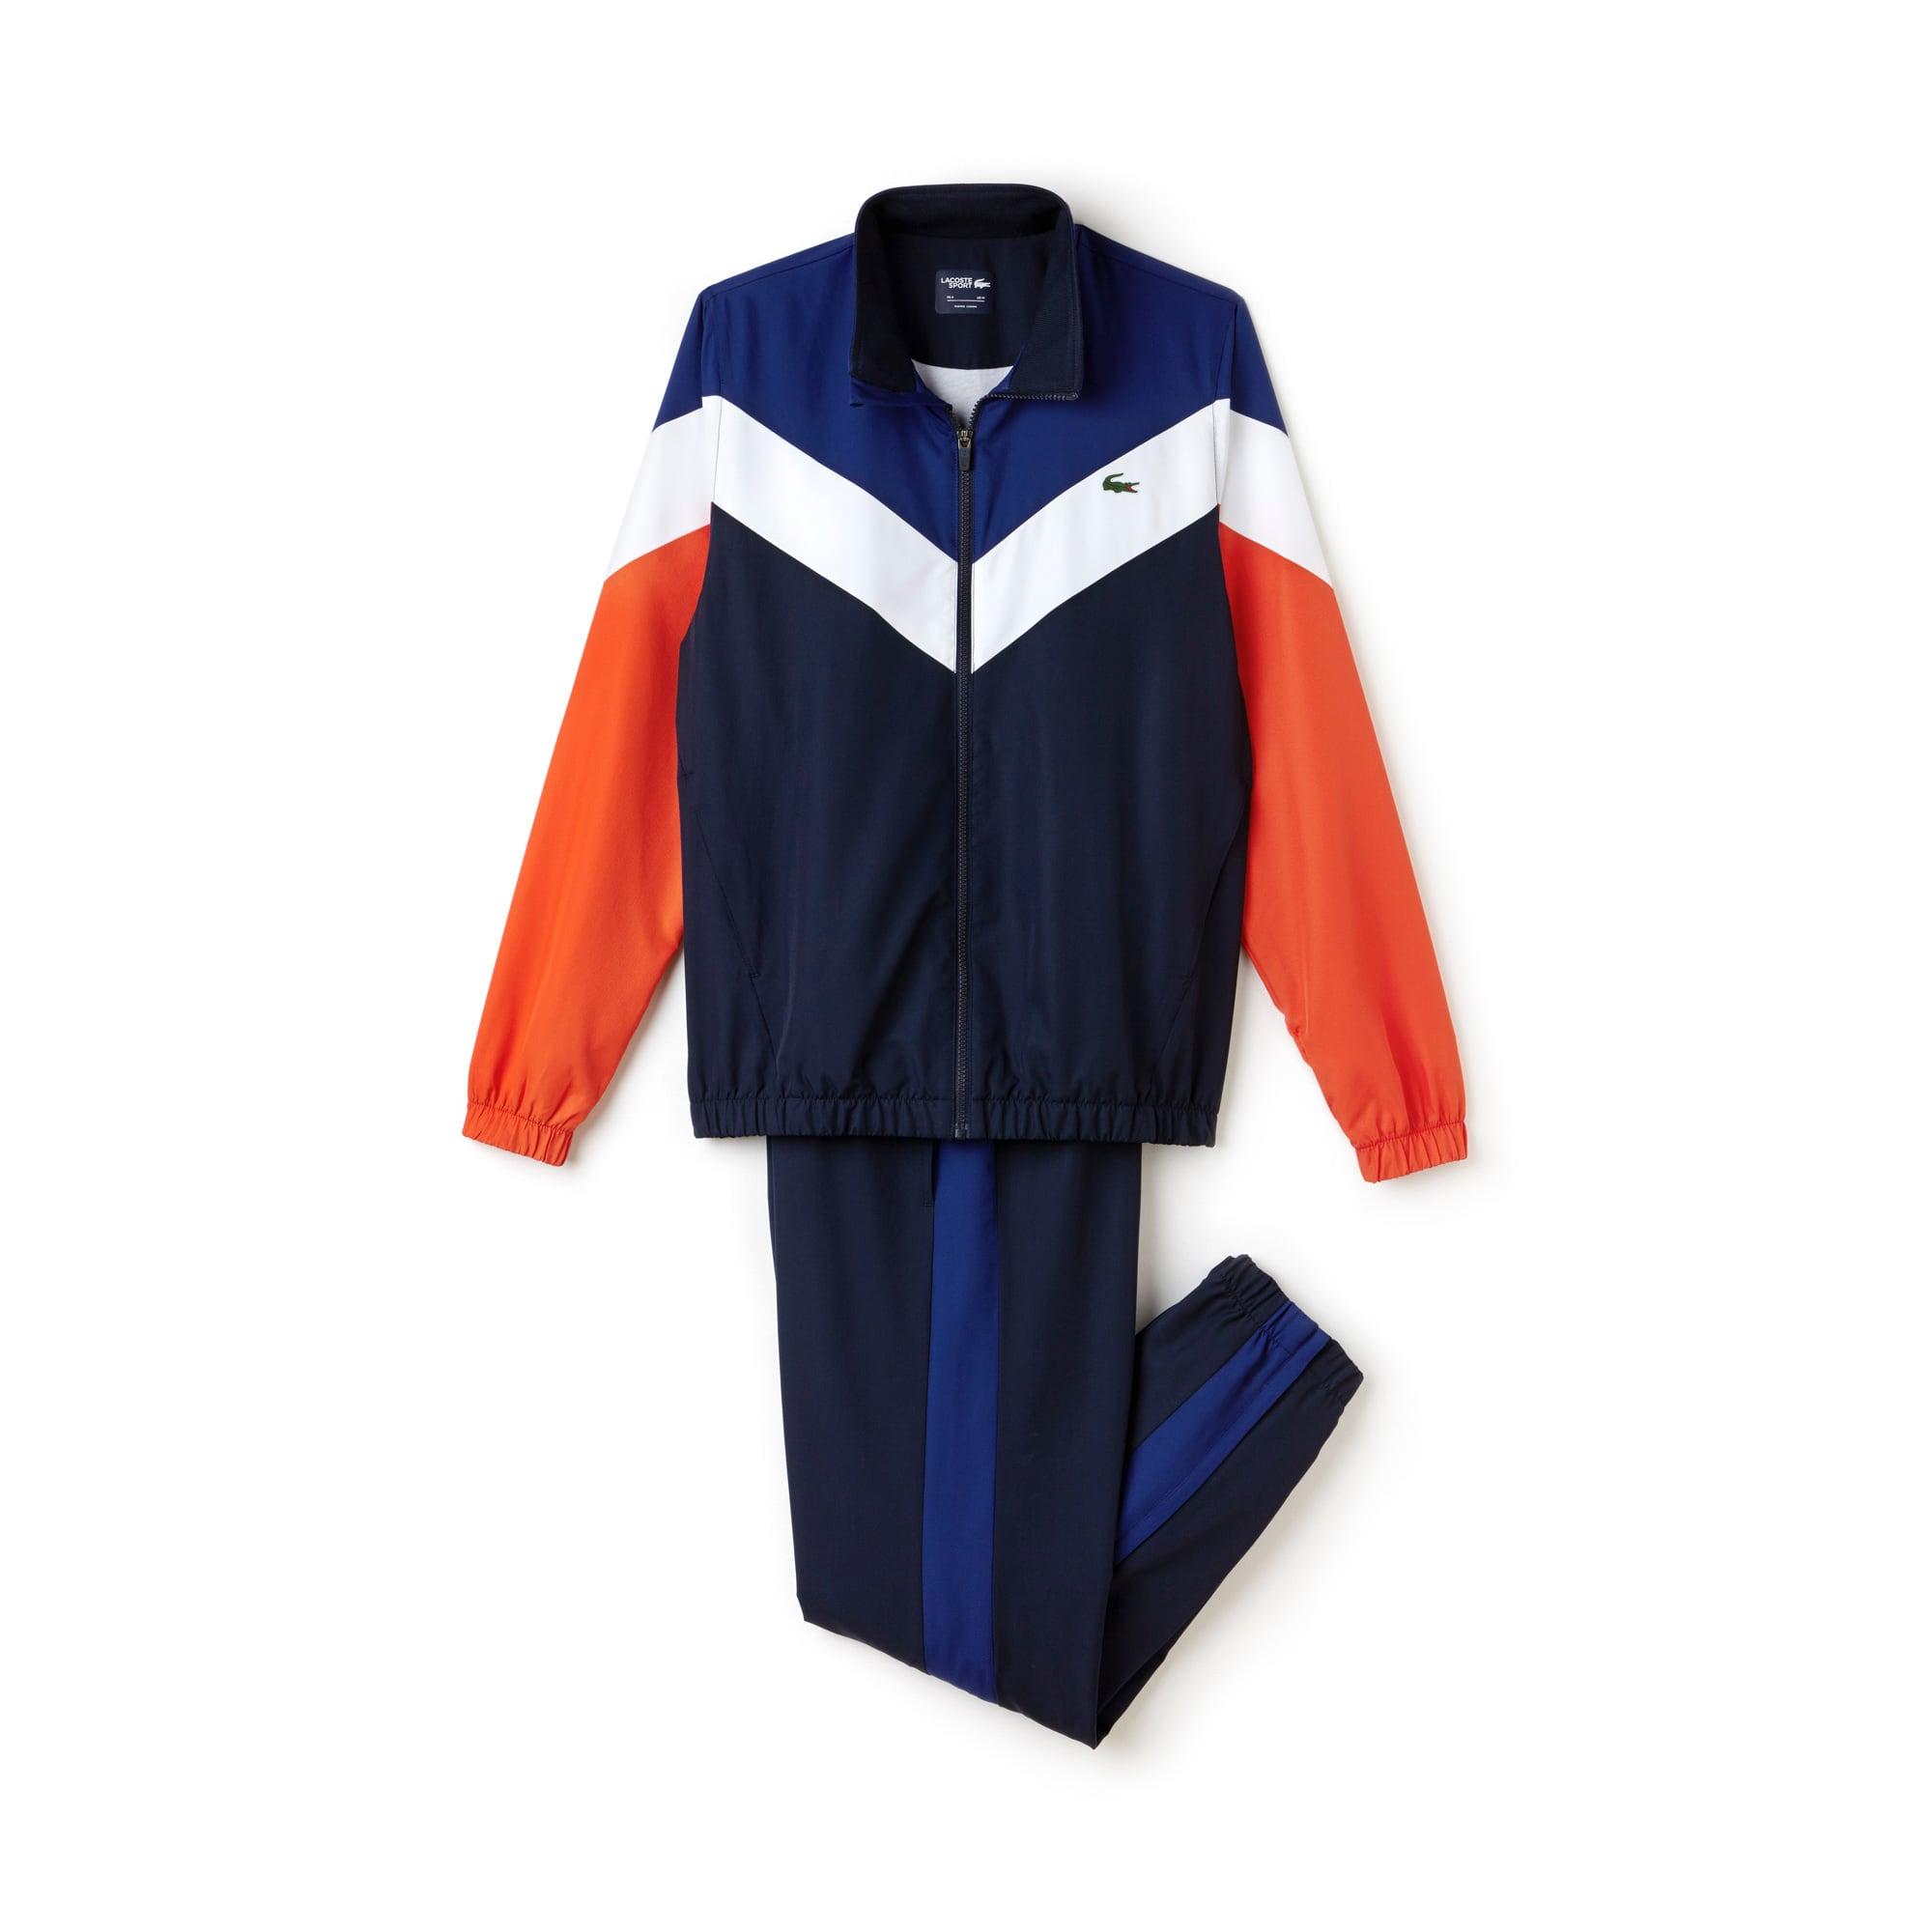 Fato de treino Tennis Lacoste SPORT color block